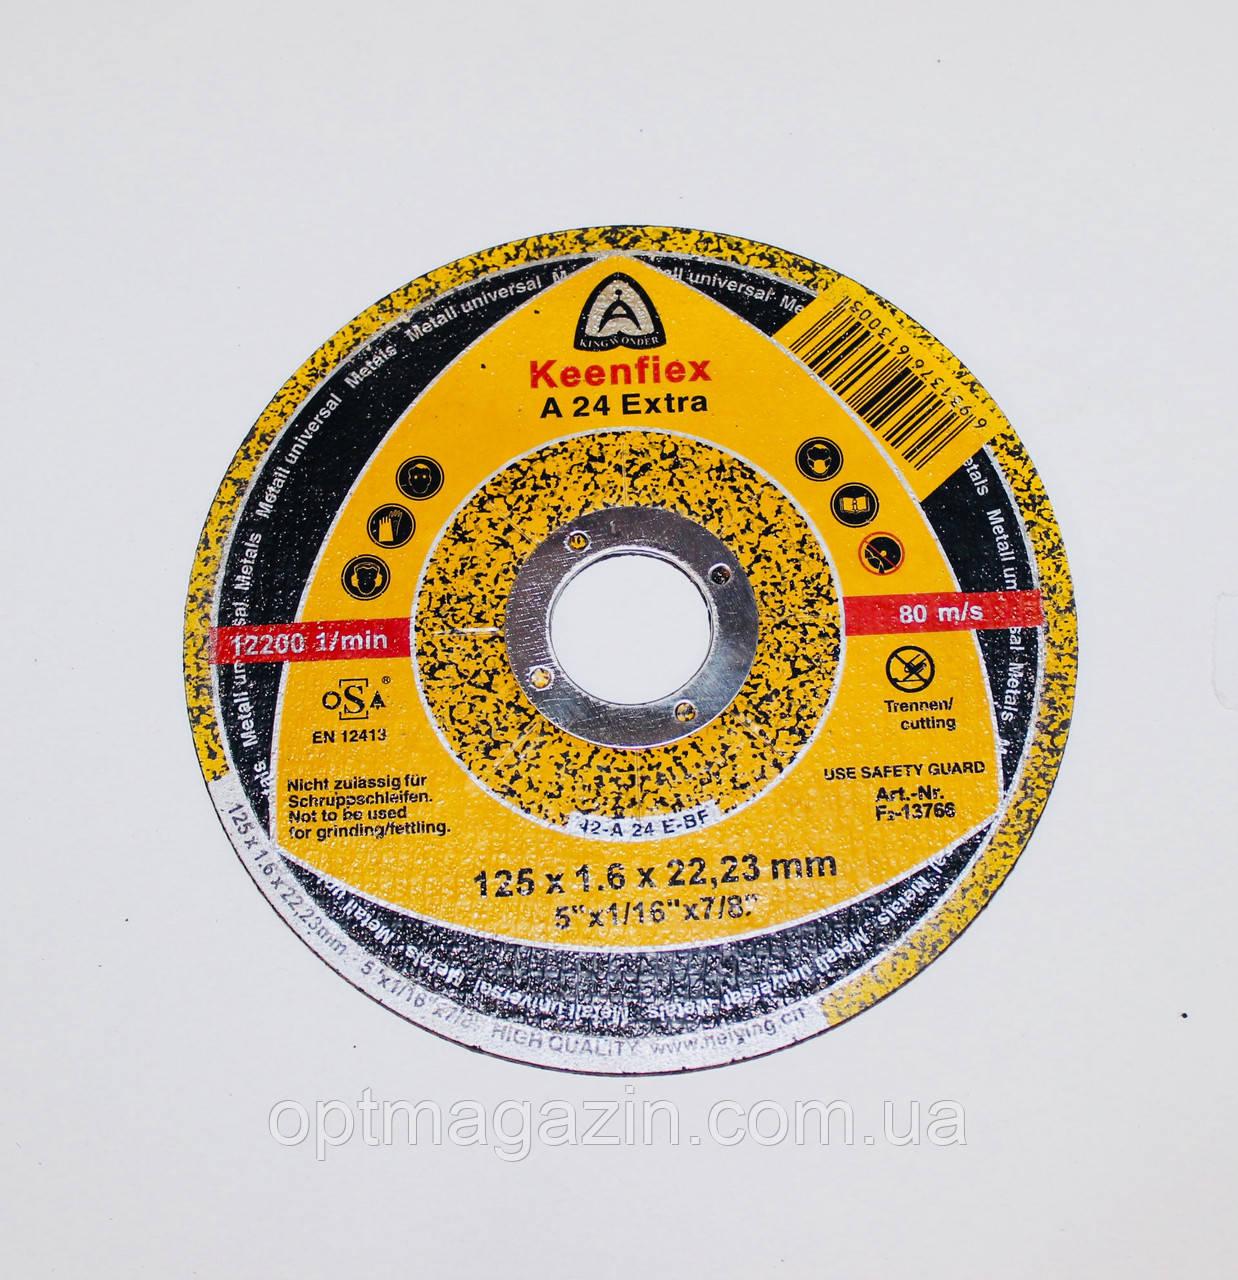 Диск відрізний по металу 125х1,6х22,23мм Keenflex/ Круг відрізний по металу Кинфлекс 125х1,6х22,23мм